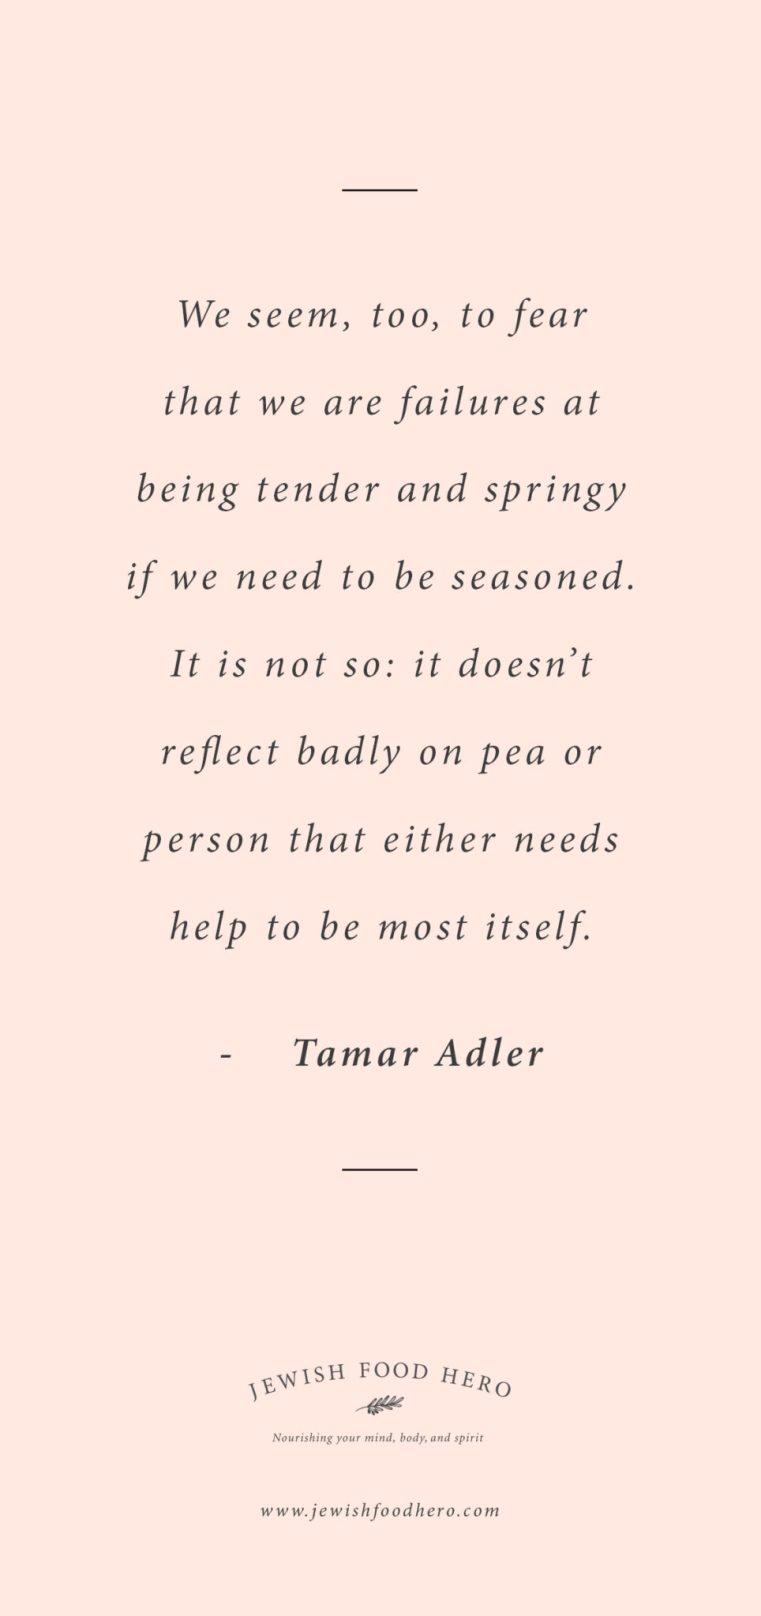 Tamar Adler quote